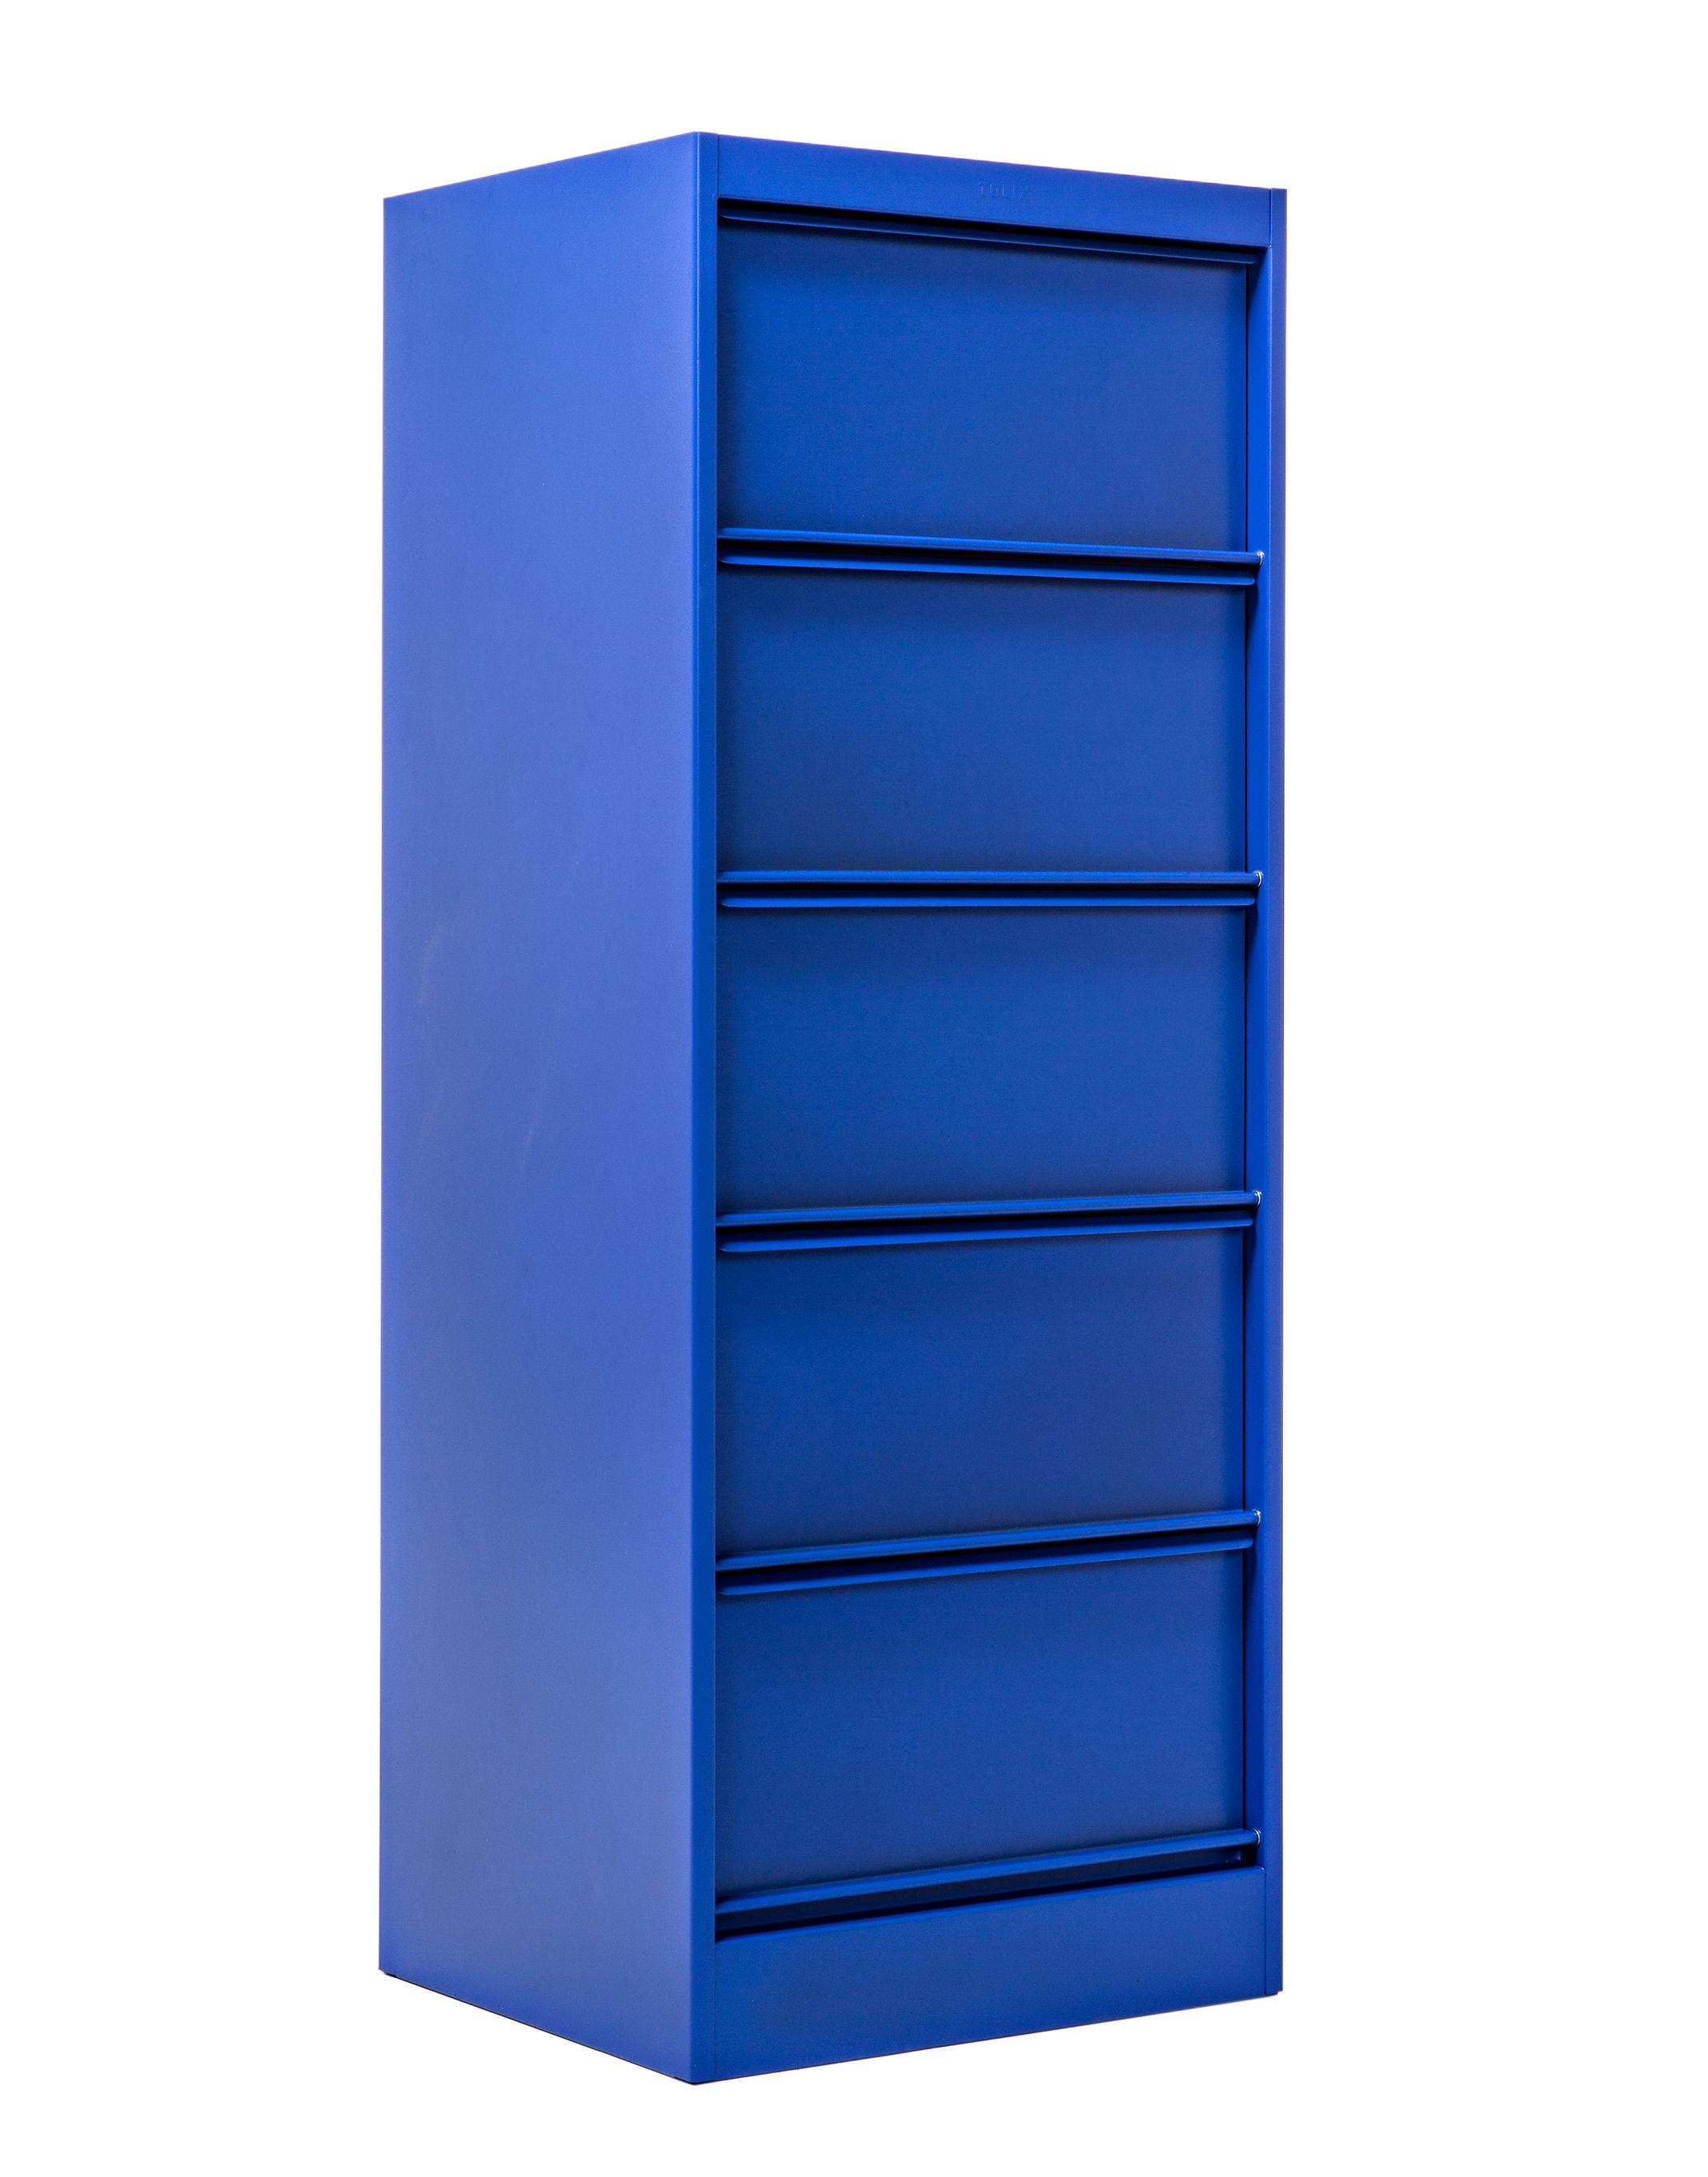 rangement classeur clapets cc5 5 clapets le corbusier bleu outremer 59 tolix. Black Bedroom Furniture Sets. Home Design Ideas